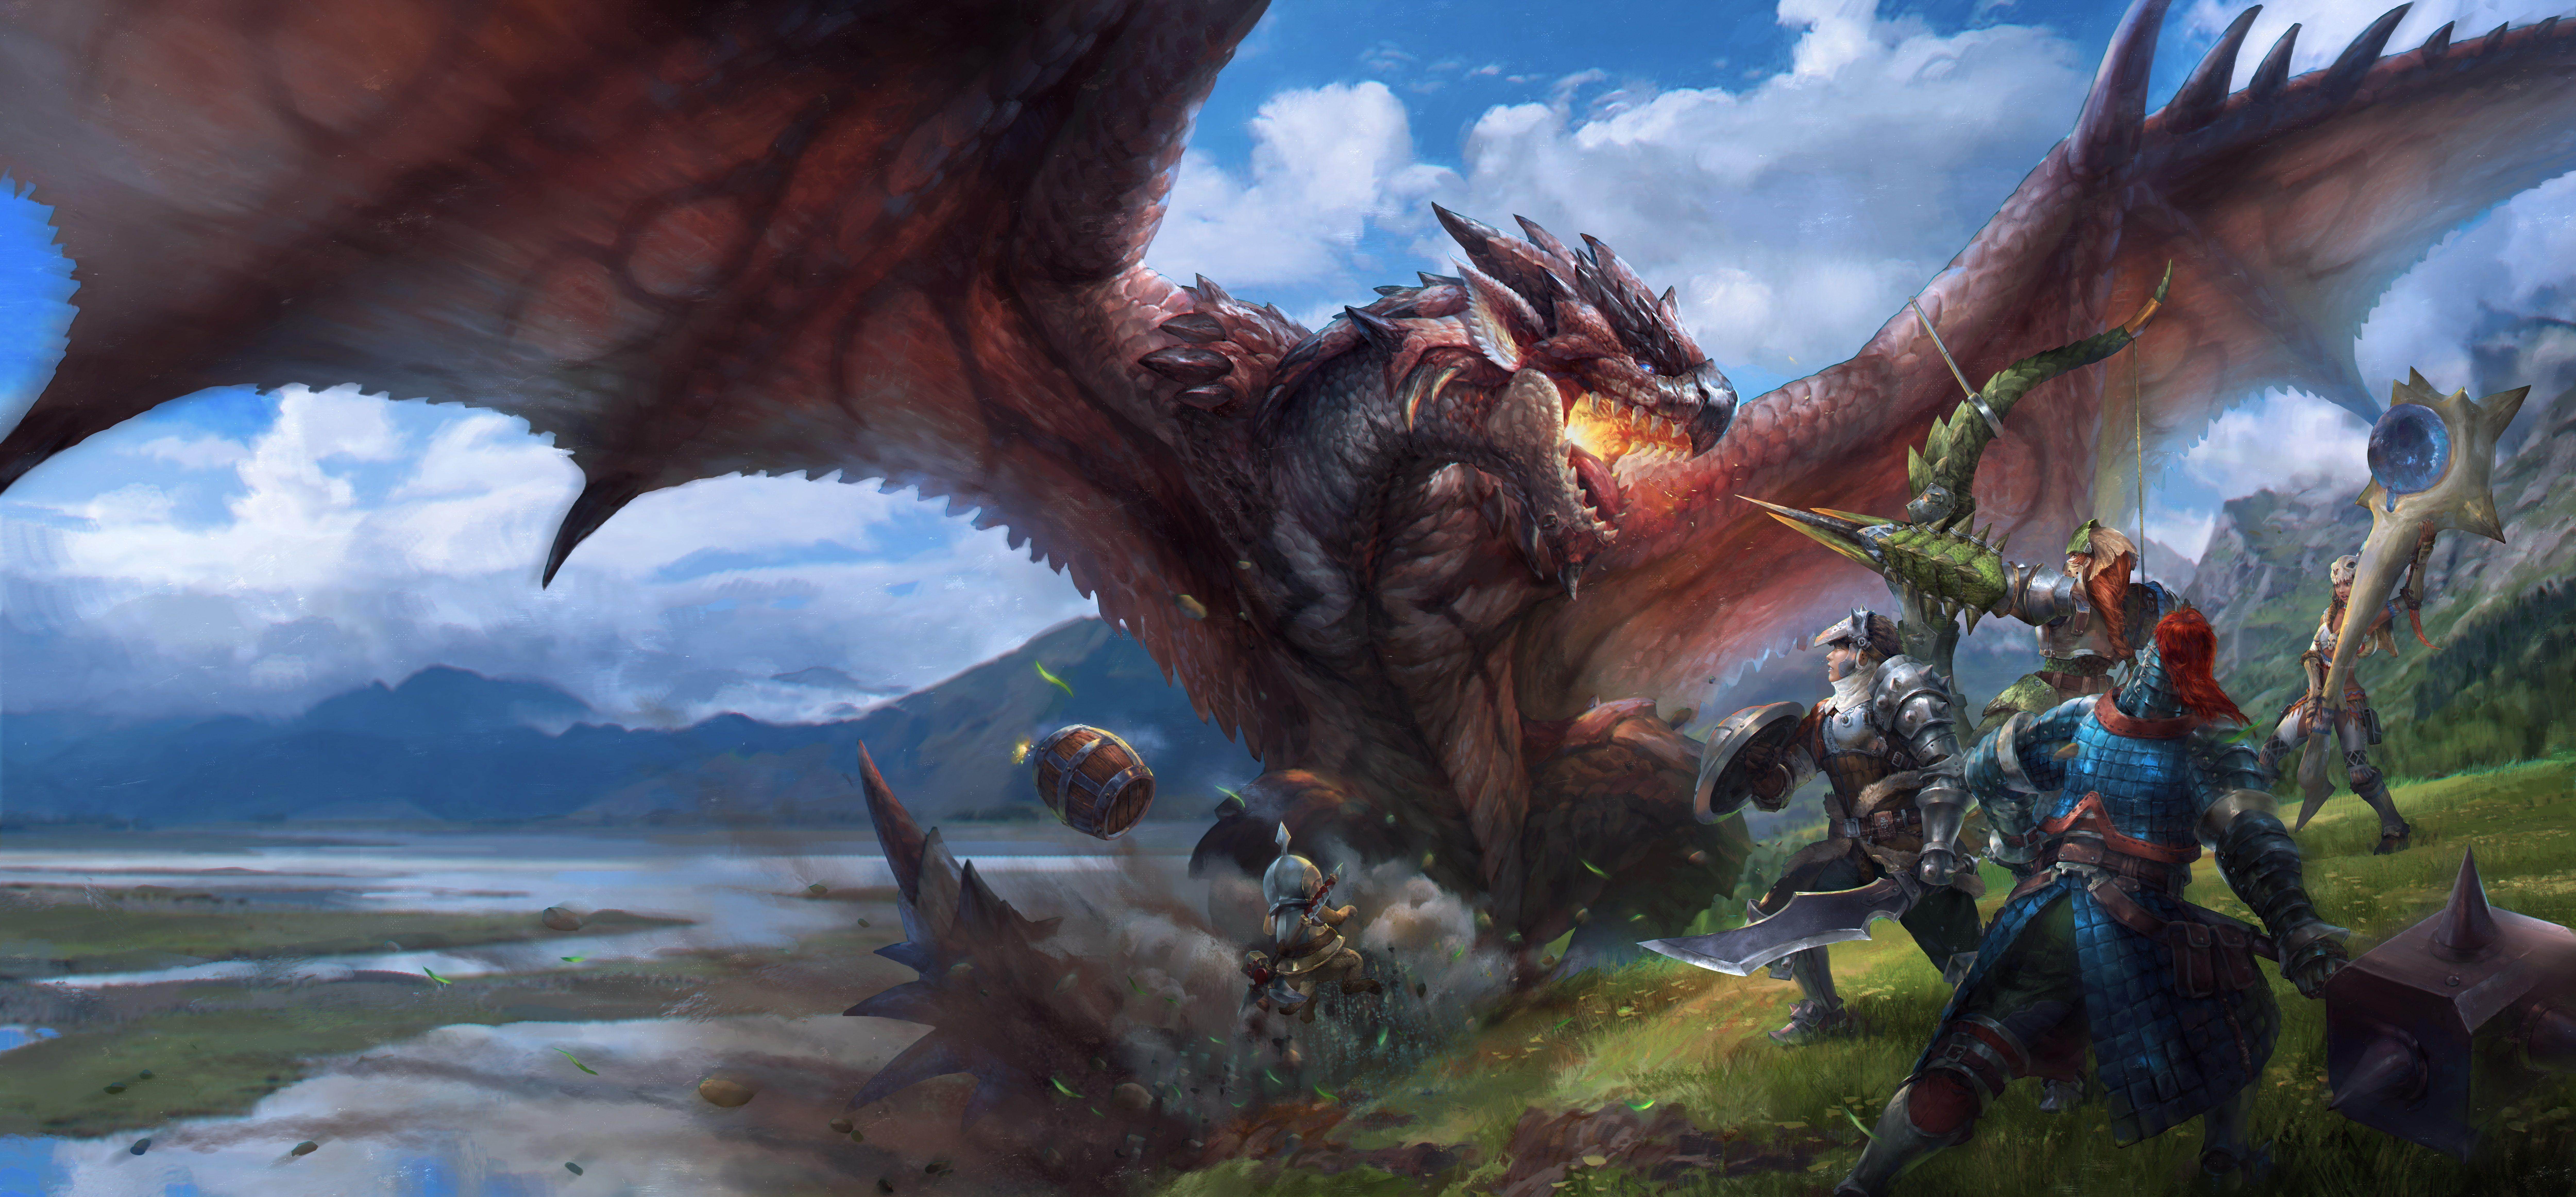 Monster Hunter 4k Wallpapers Top Free Monster Hunter 4k